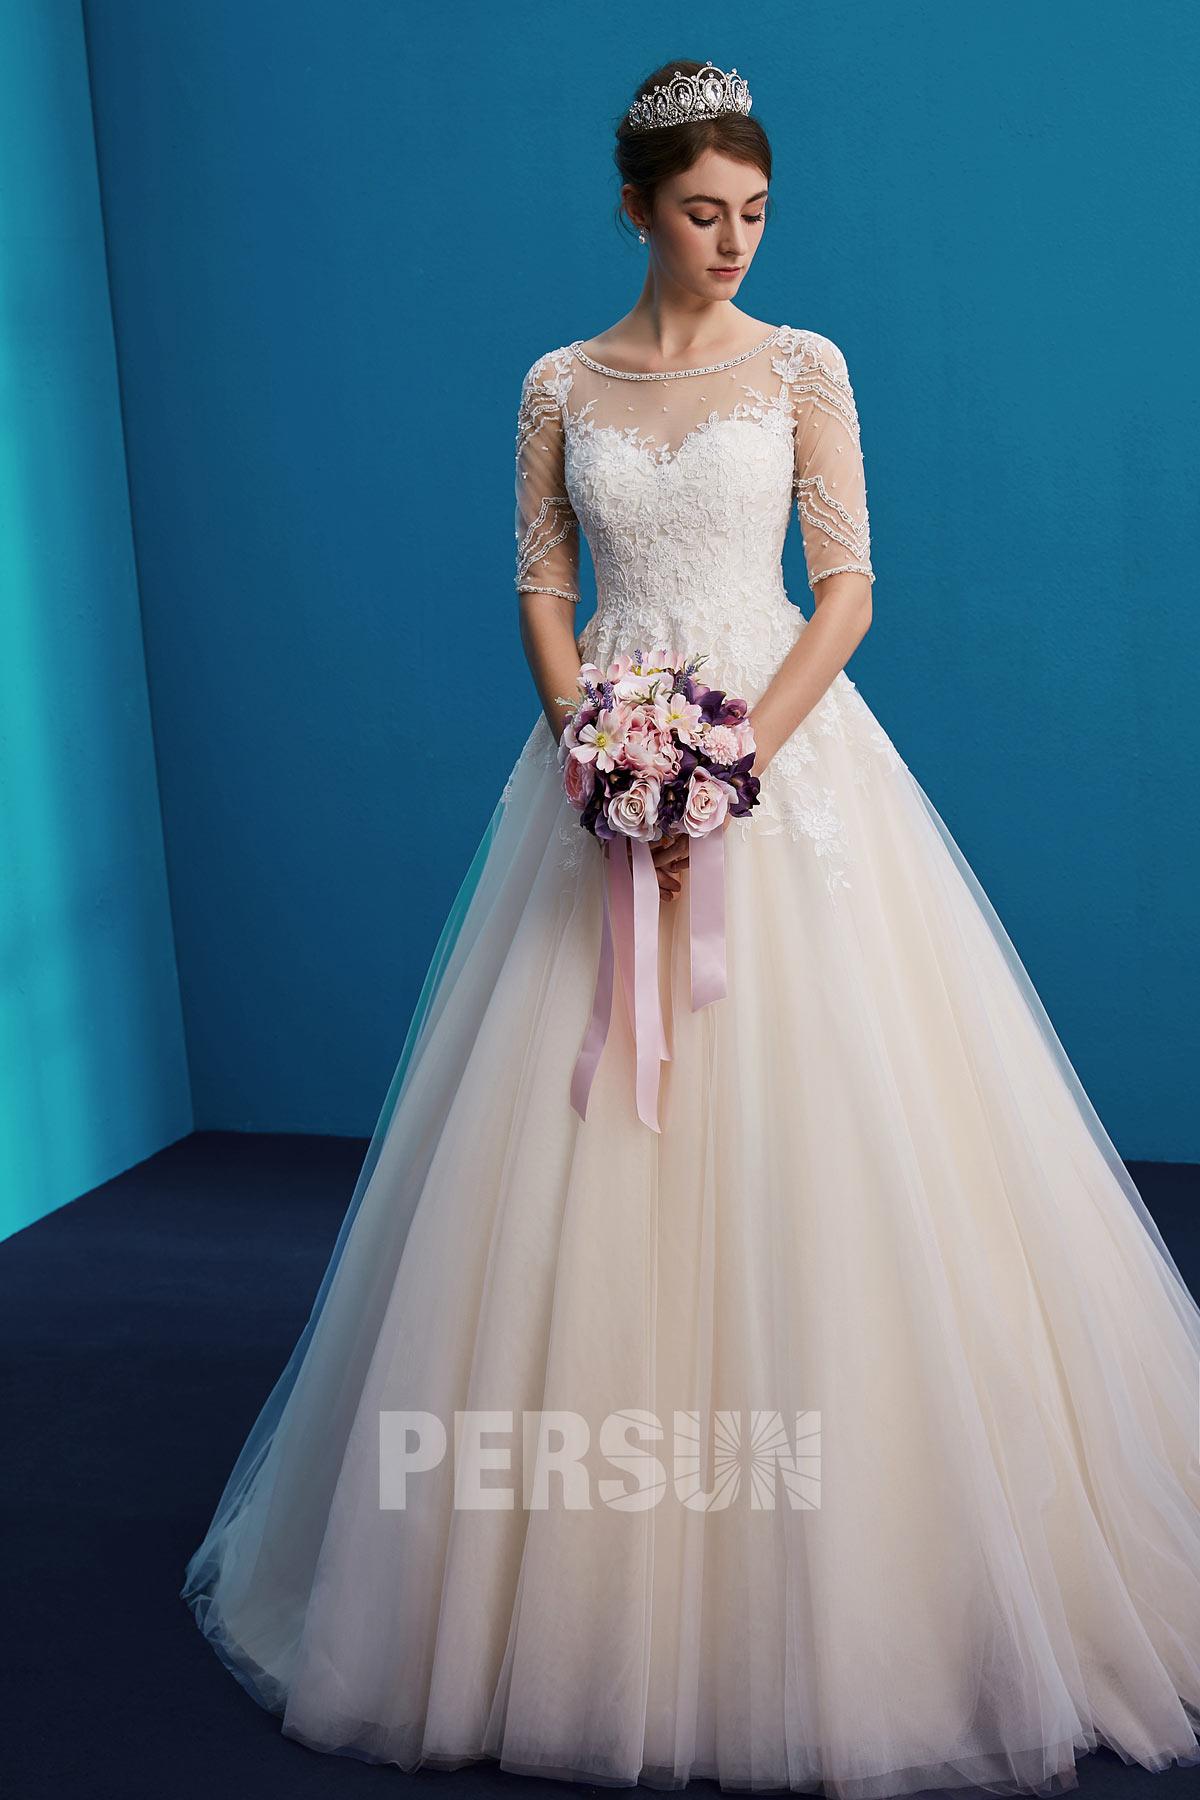 robe-de-mariee-romantique-2019-avec-manches.jpg?profile=RESIZE_710x